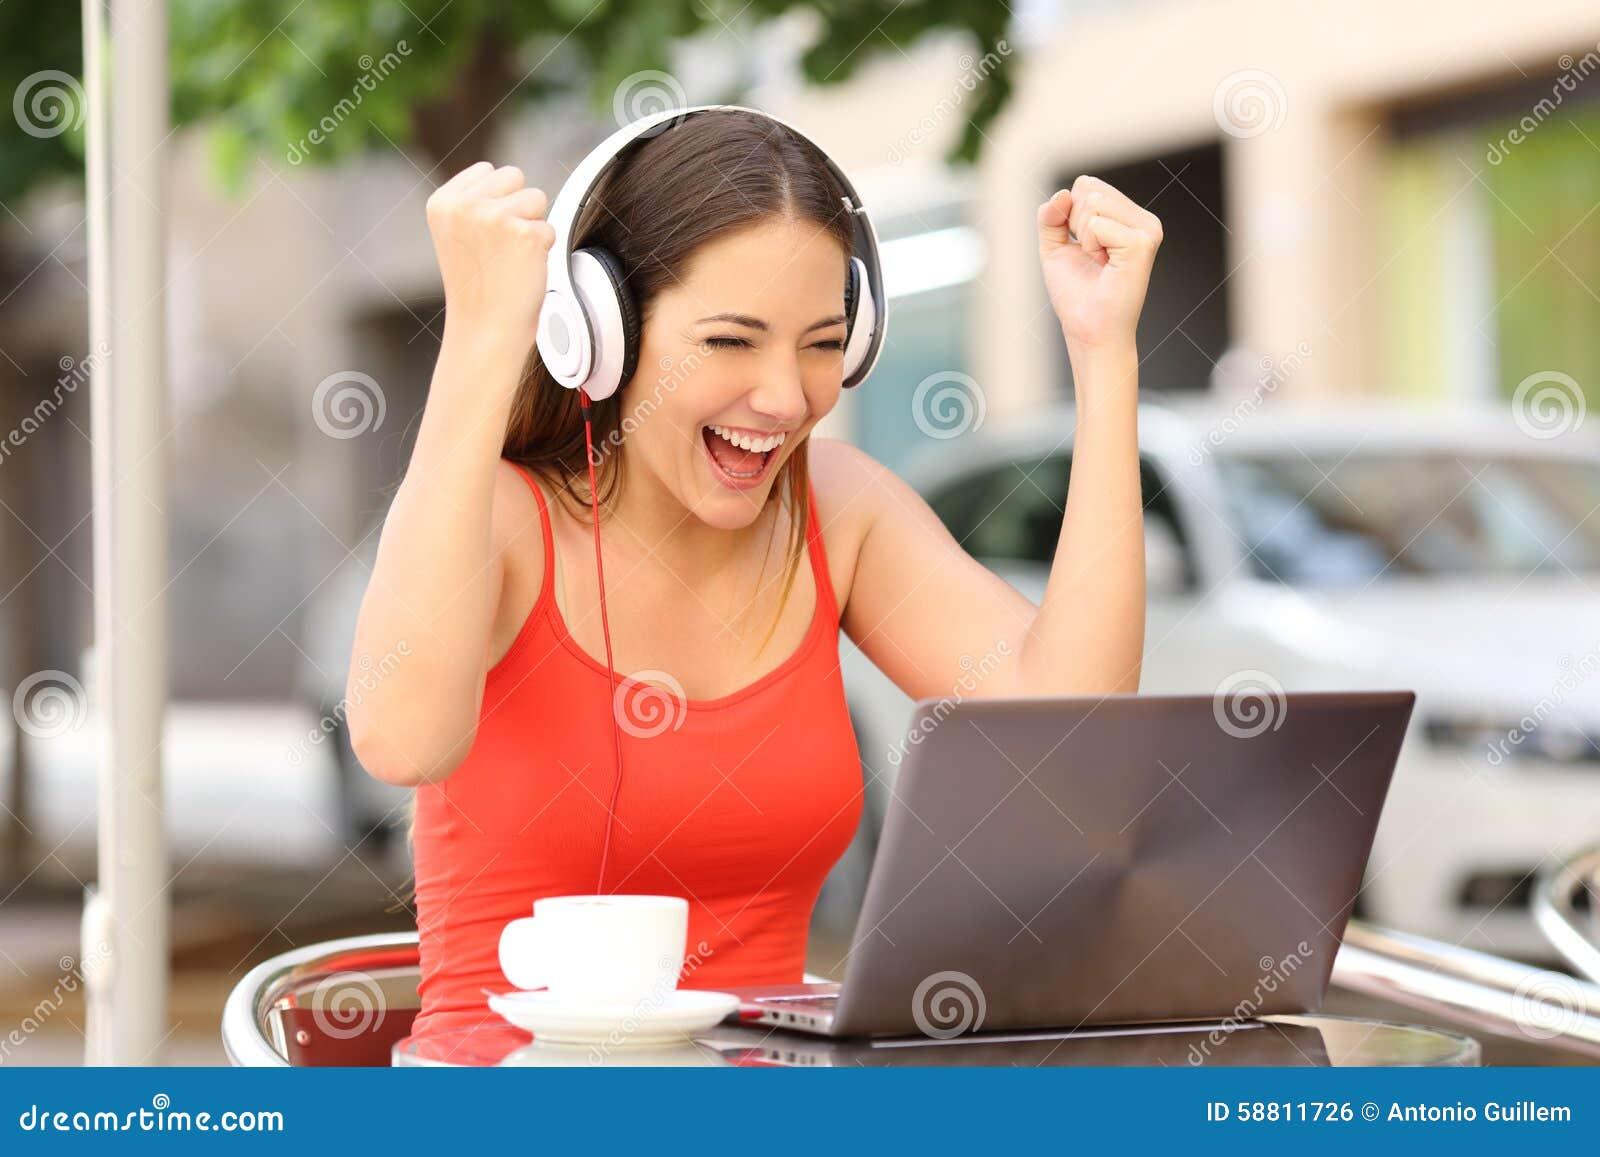 Muchacha del ganador eufórica mirando un ordenador portátil